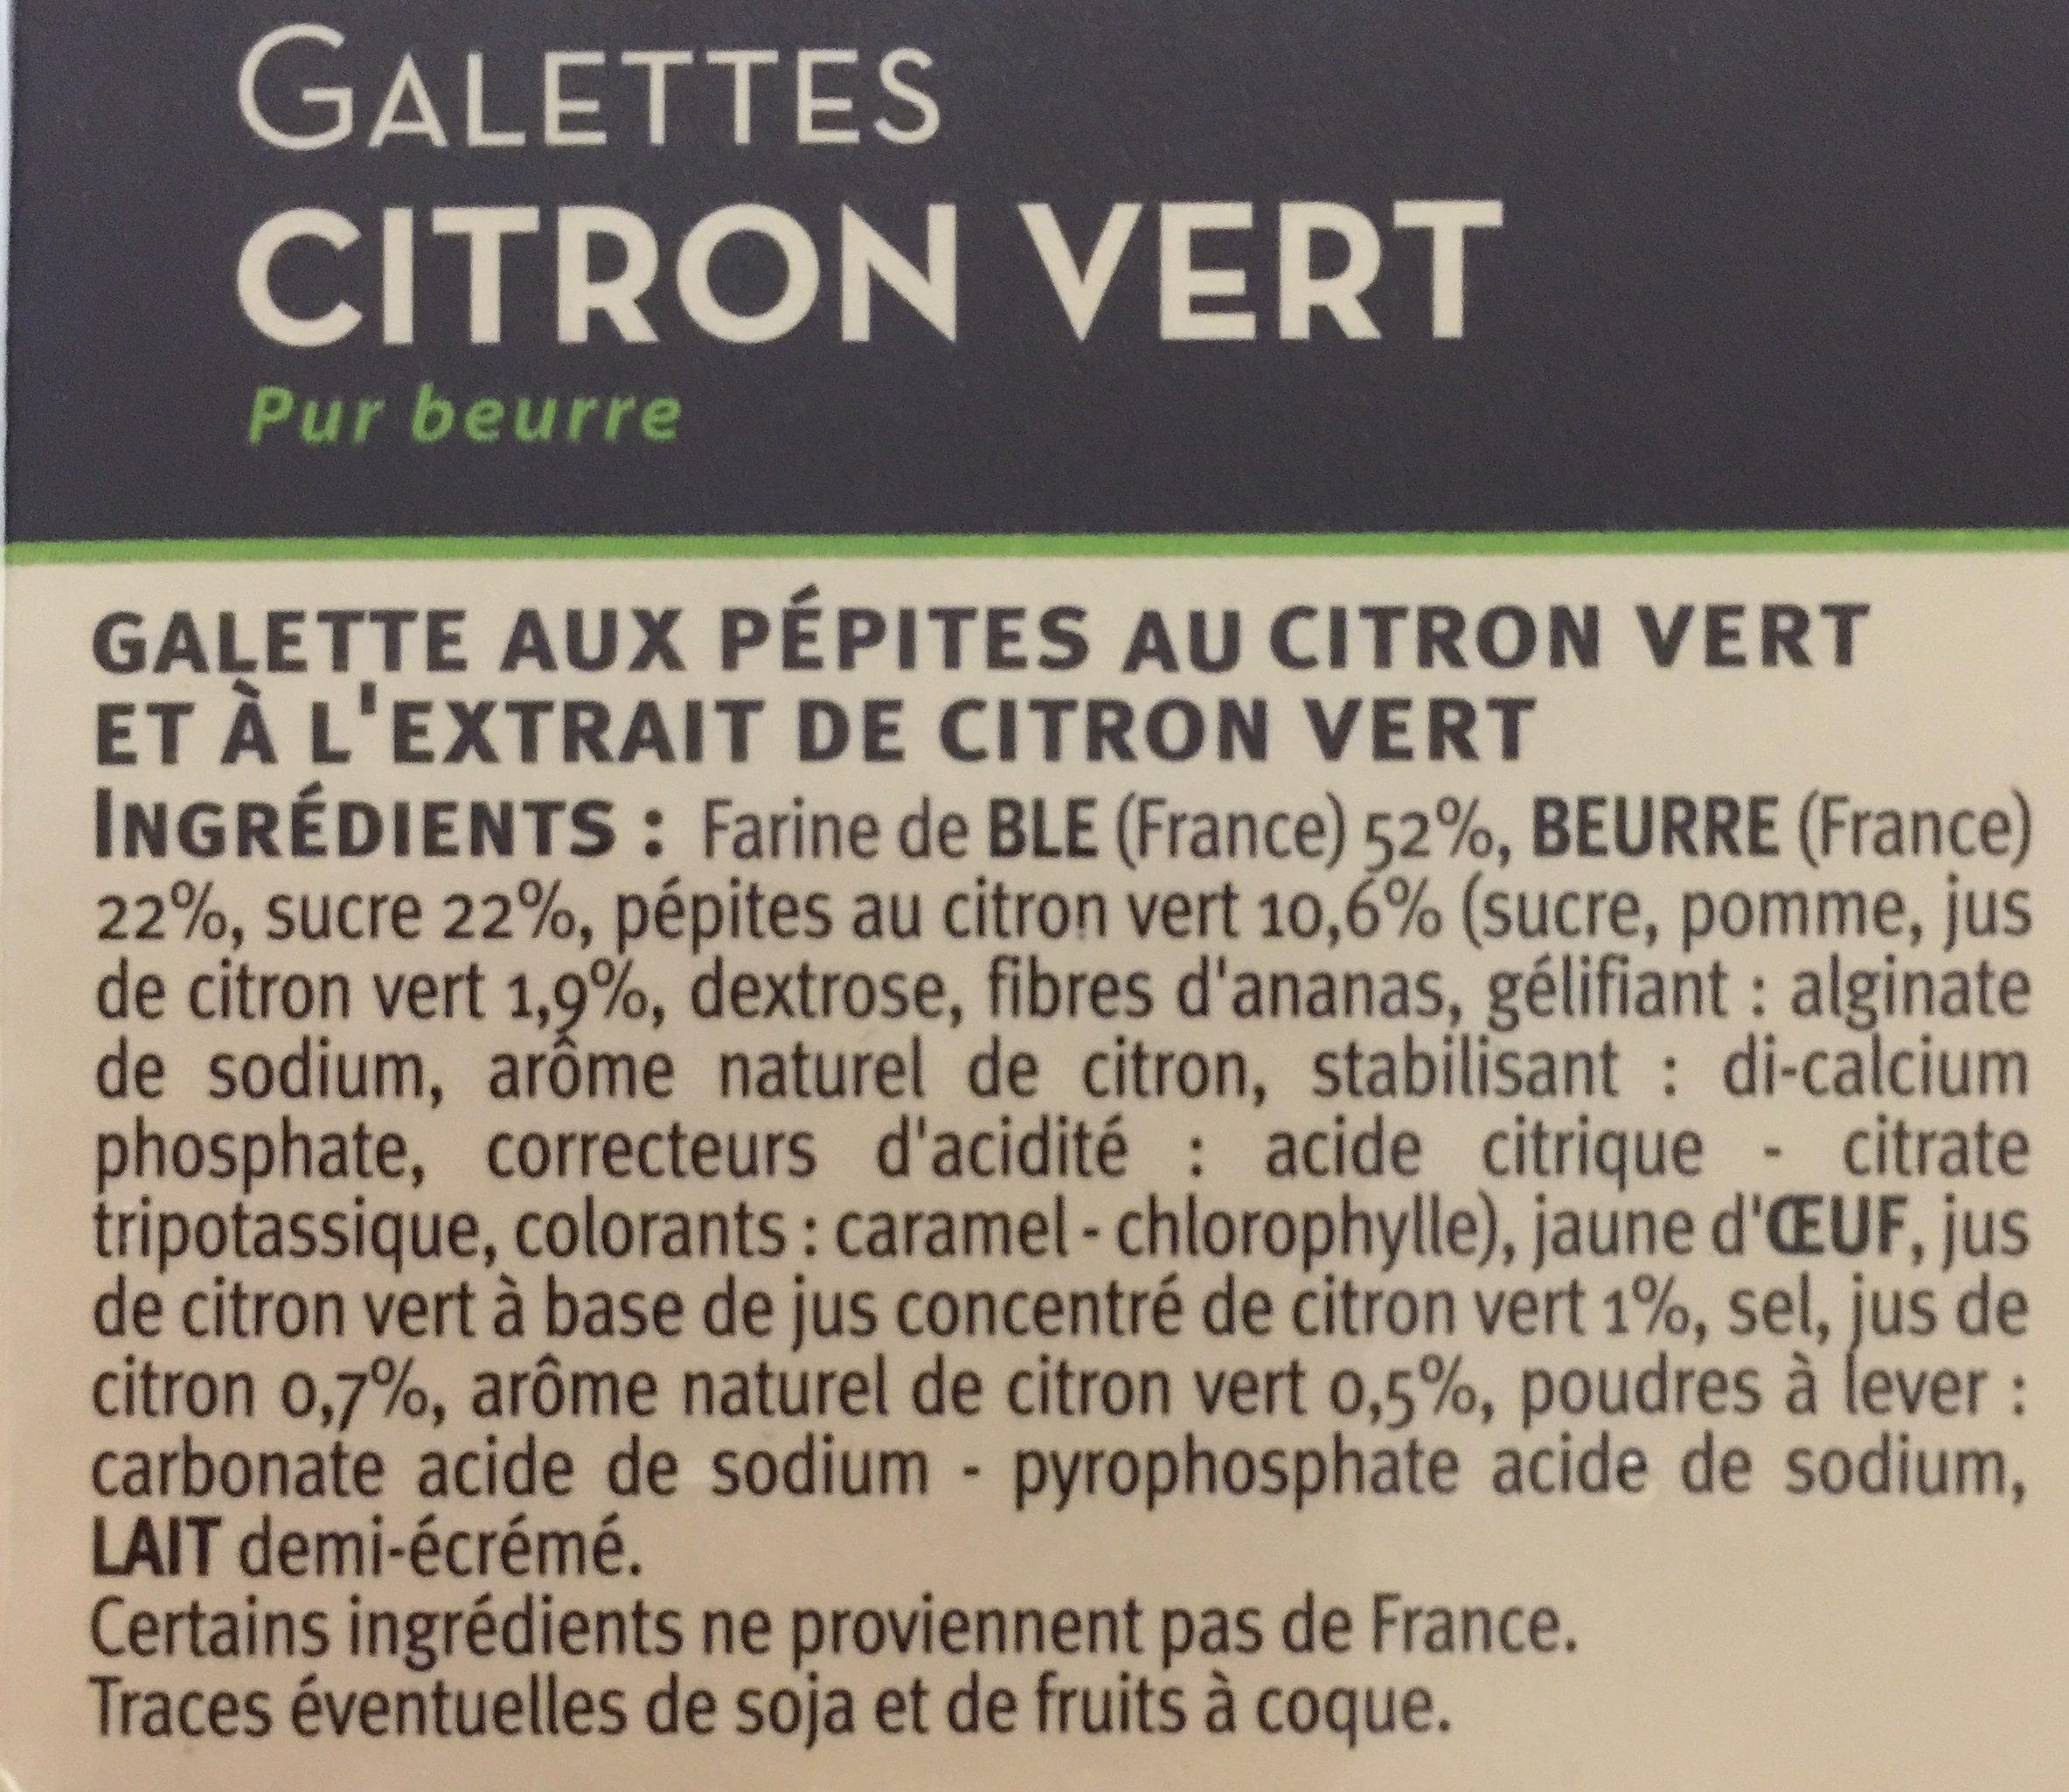 Galettes citron vert - Ingrédients - fr